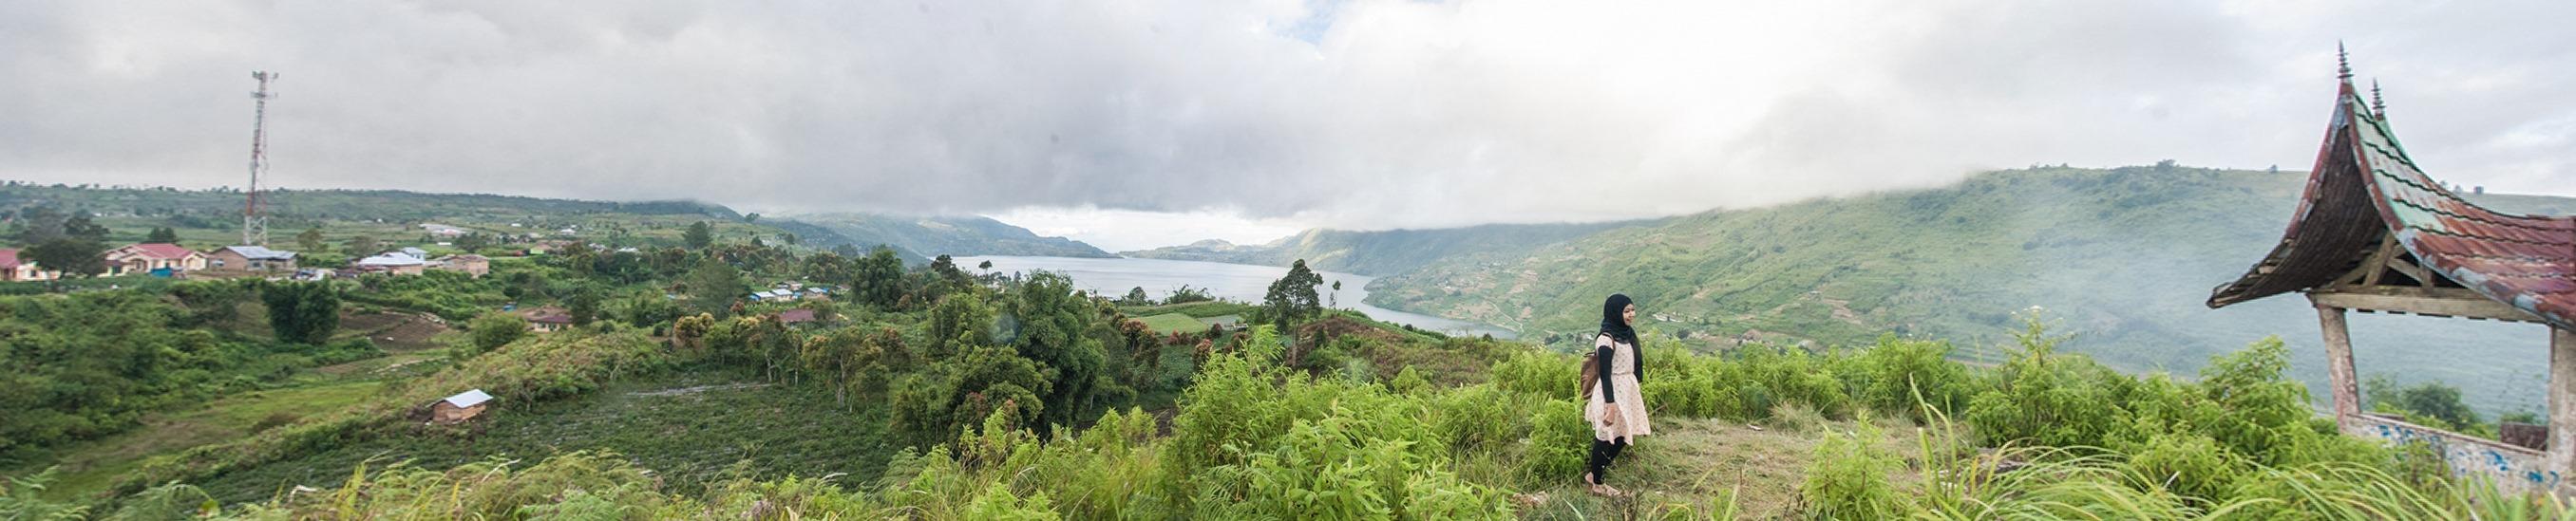 danau kembar alahan panjang | the atmojo